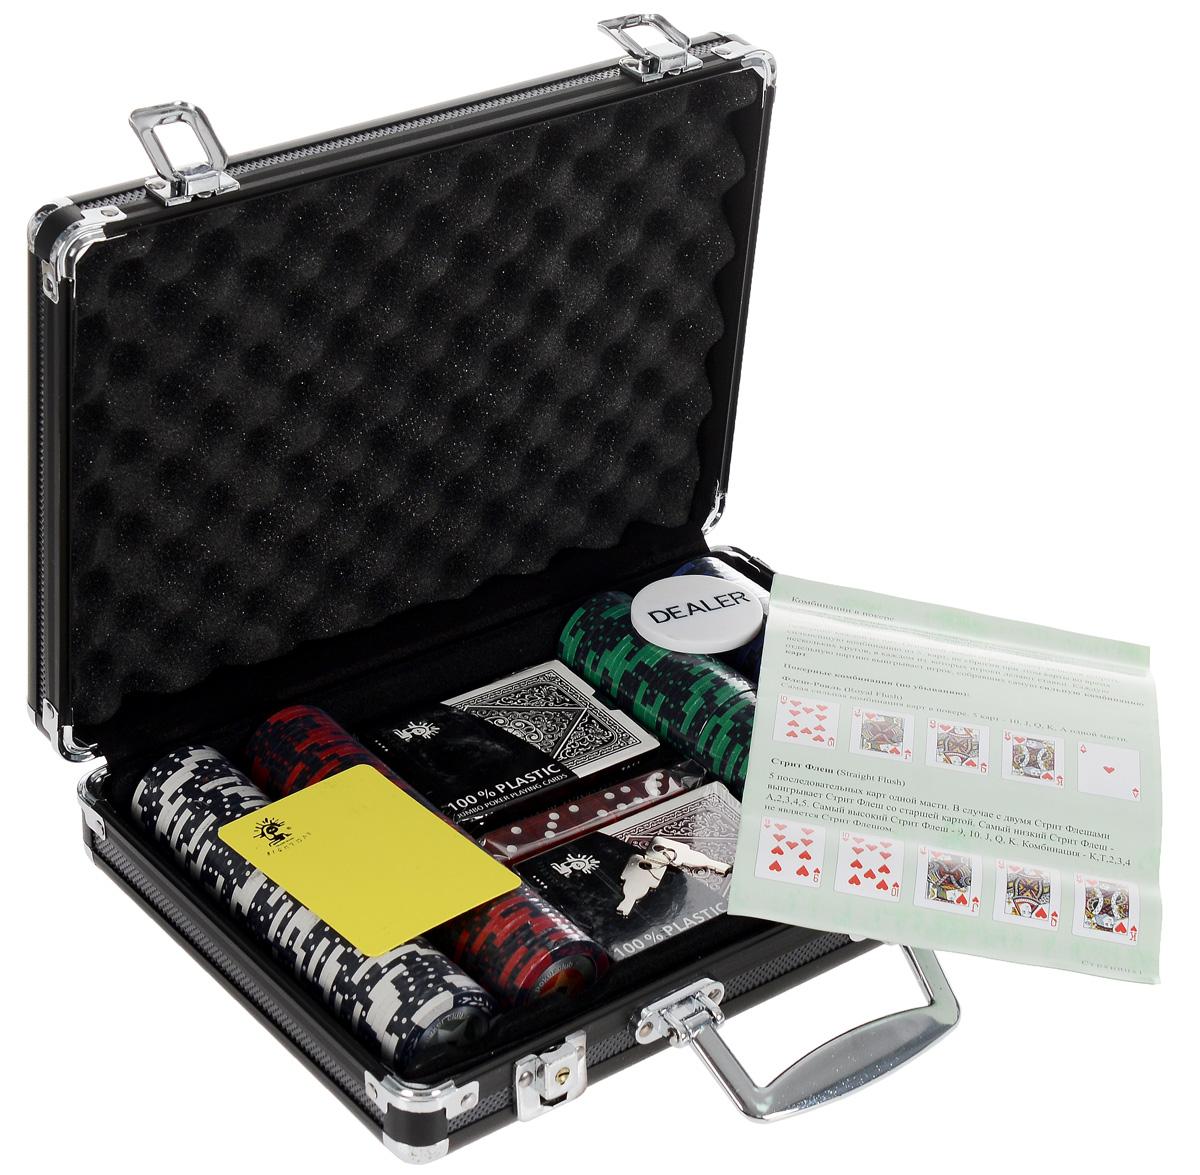 Набор для покера STARS 200. УТ-00000442УТ-00000442Набор для игры в покер - то, что нужно для отличного проведения досуга. Набор состоит из двух колод игральных карт, 200 игровых пластиковых фишек c номиналами, фишки Dealer, подрезной карты, кубиков и инструкции. Набор фишек состоит из 50 фишек белого цвета номиналом 1, 50 фишек красного цвета номиналом 5, 50 фишек зеленого цвета номиналом 25, 25 фишек синего цвета номиналом 50 и 25 фишек черного цвета номиналом 100. Предметы набора хранятся в черном металлическом кейсе, который закрывается на ключик. Для удобства переноски на кейсе имеется ручка. Такой набор станет отличным подарком для любителей покера. Покер (англ. poker) - карточная игра, цель которой - выиграть ставки, собрав как можно более высокую покерную комбинацию, используя 5 карт, или вынудив всех соперников прекратить участвовать в игре. Игра идет с полностью или частично закрытыми картами. Покер как карточная игра существует более 500 лет. Зародился он в Европе: в Испании, Франции, Италии....